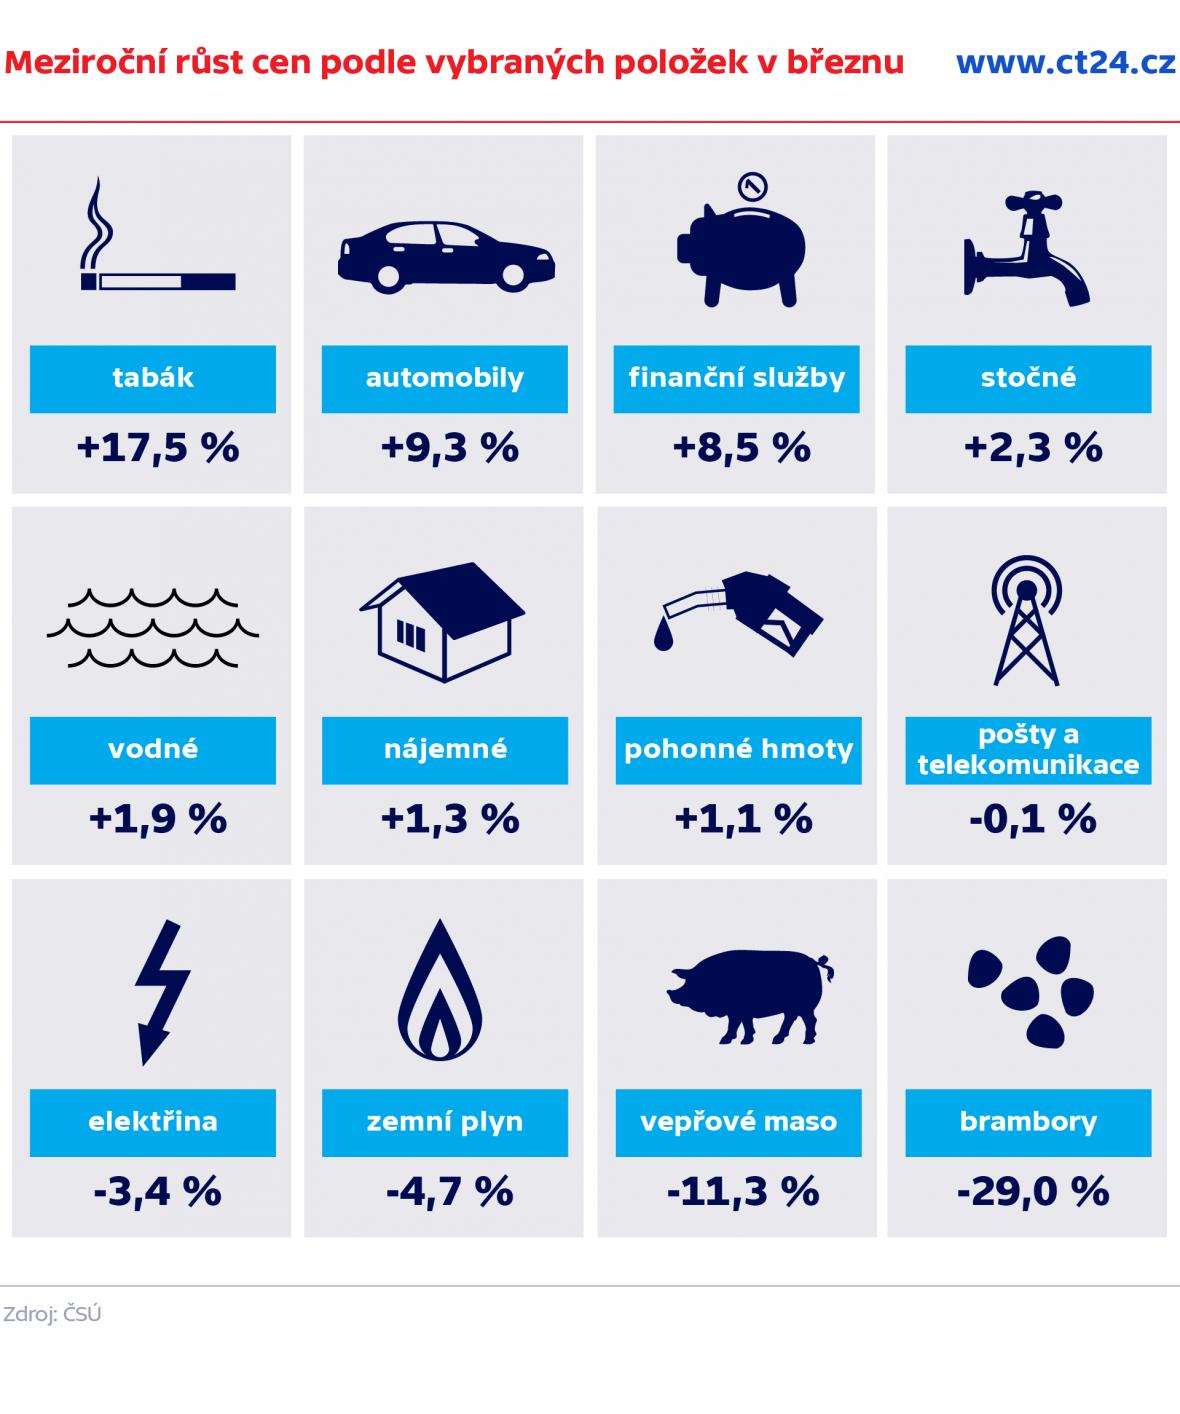 Meziroční růst cen podle vybraných položek v březnu